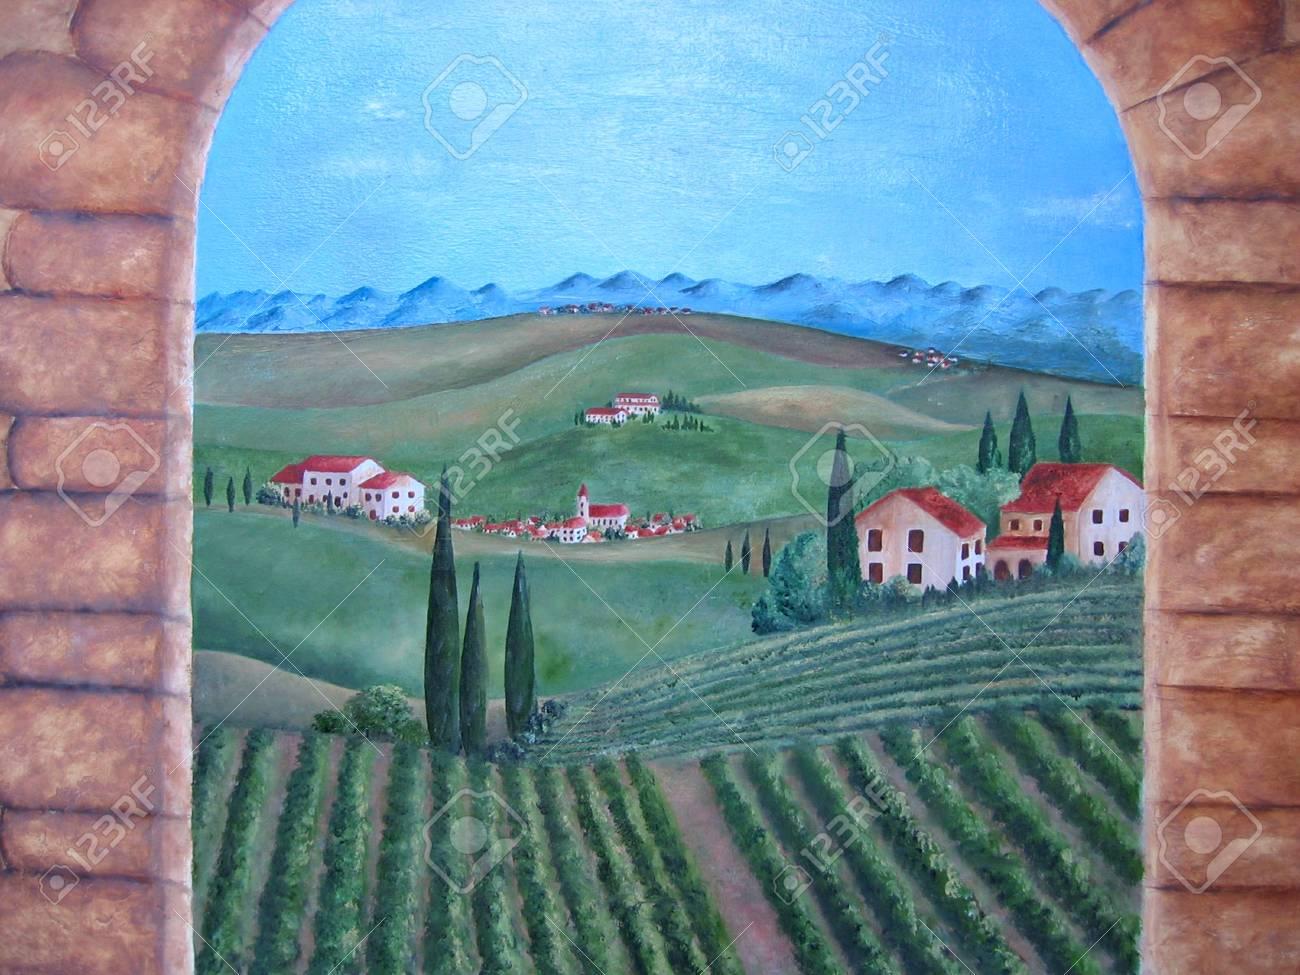 Stefano Martelli Maler Kunstler Italien In Seinem Atelier Im